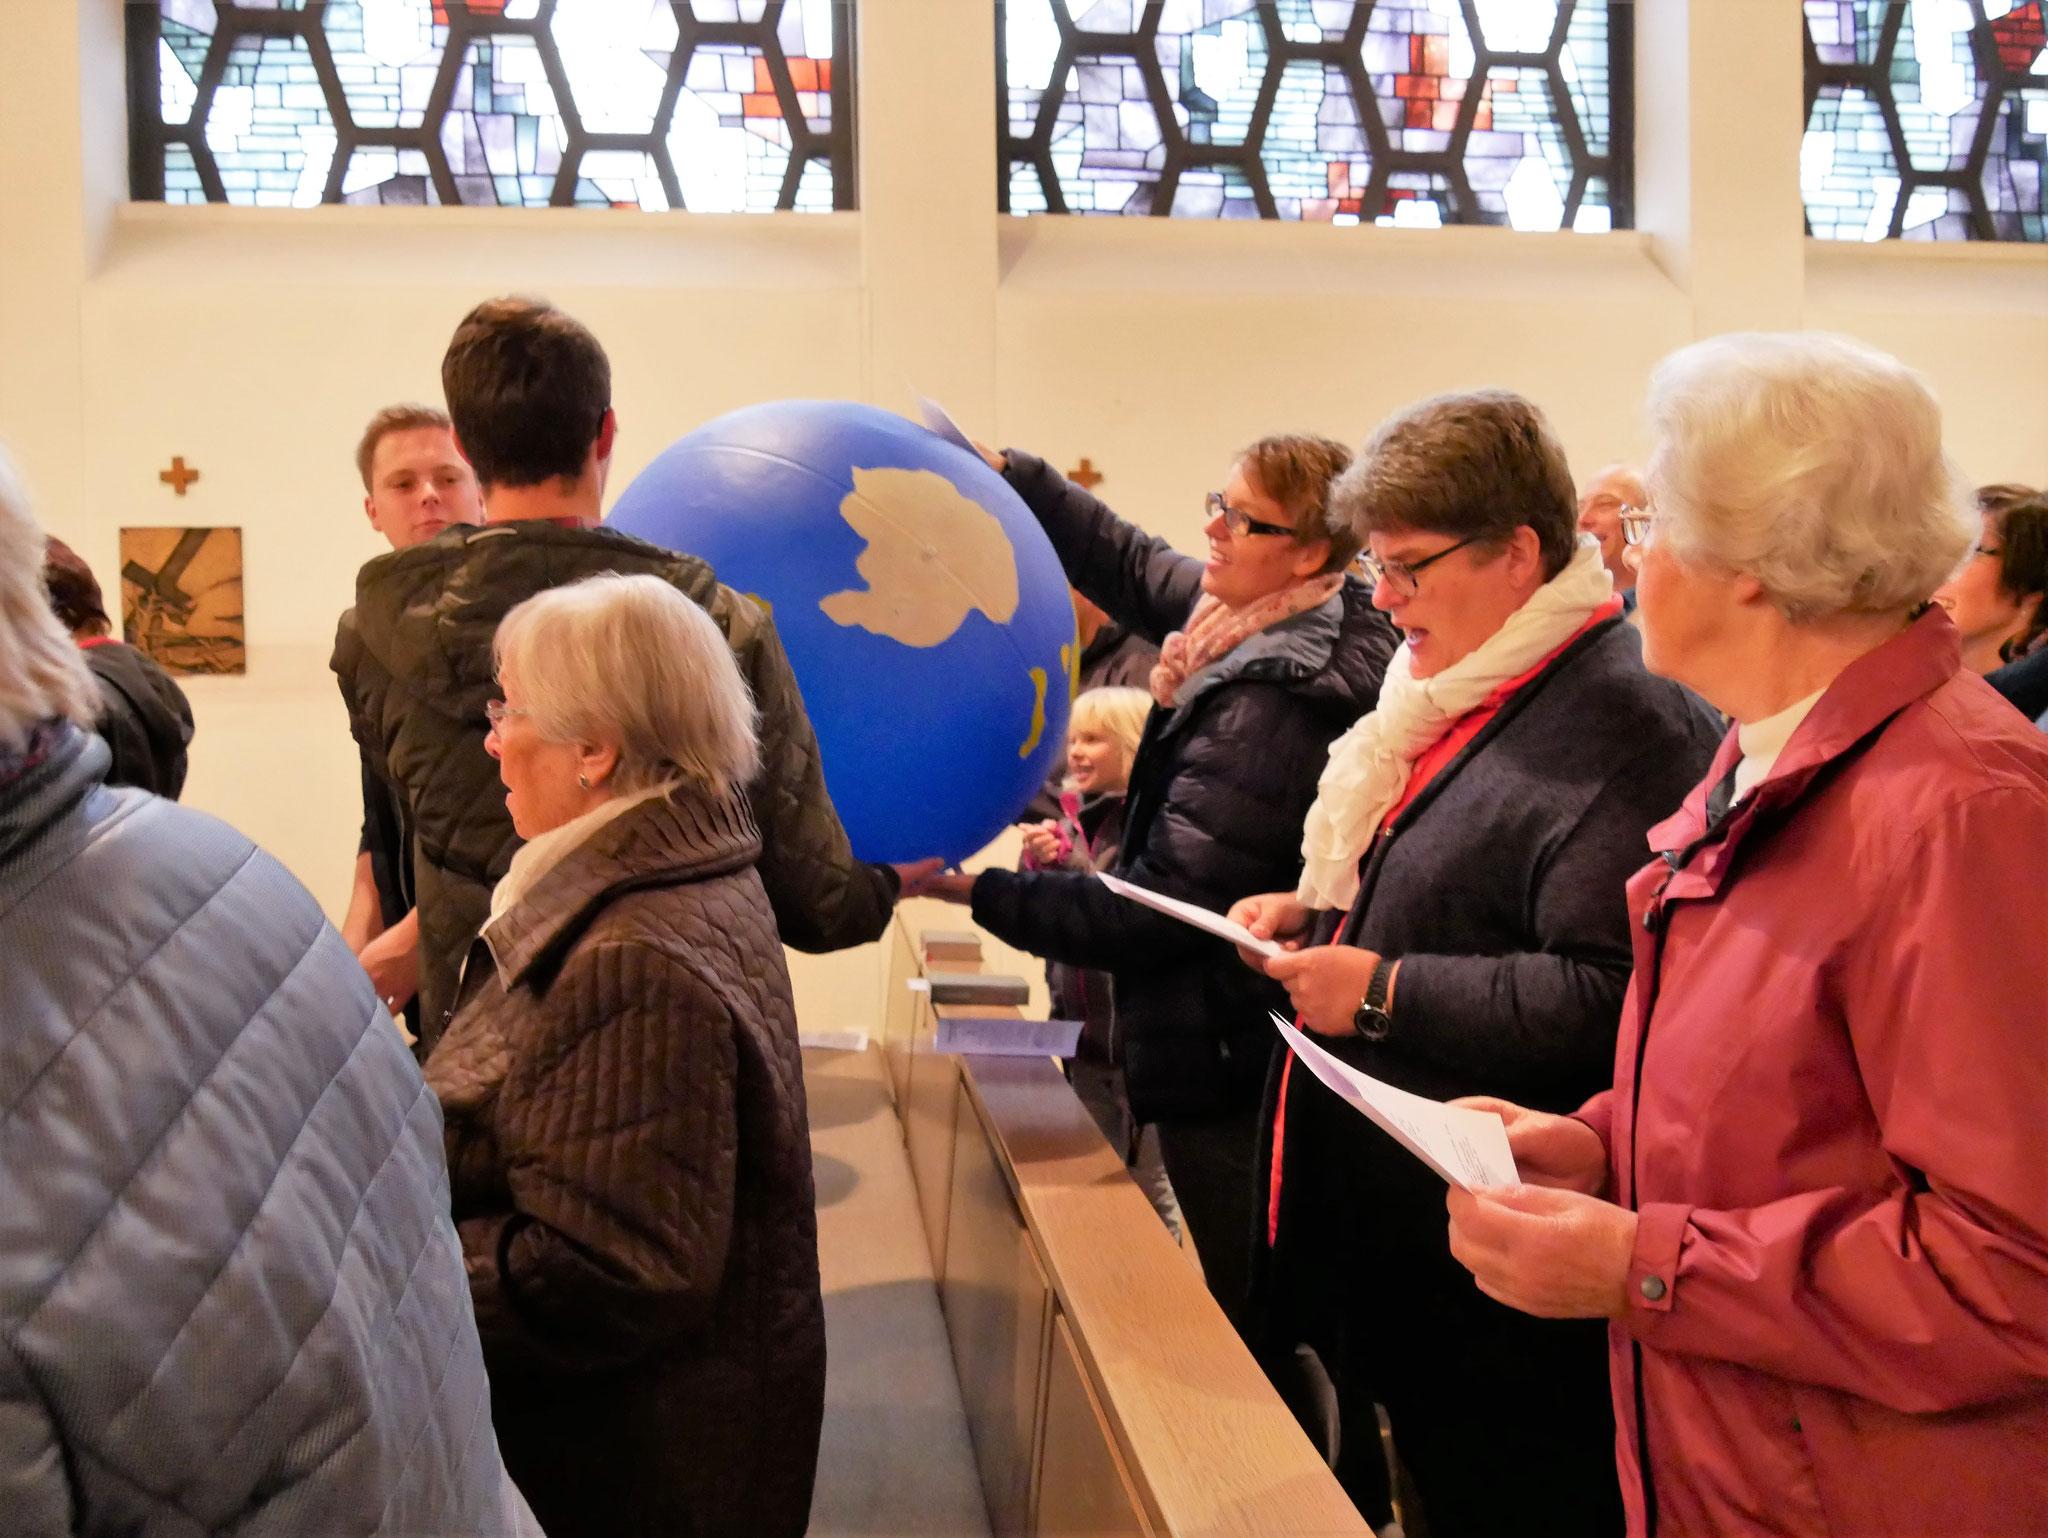 Die Erdkugel wandert durch die Kirche